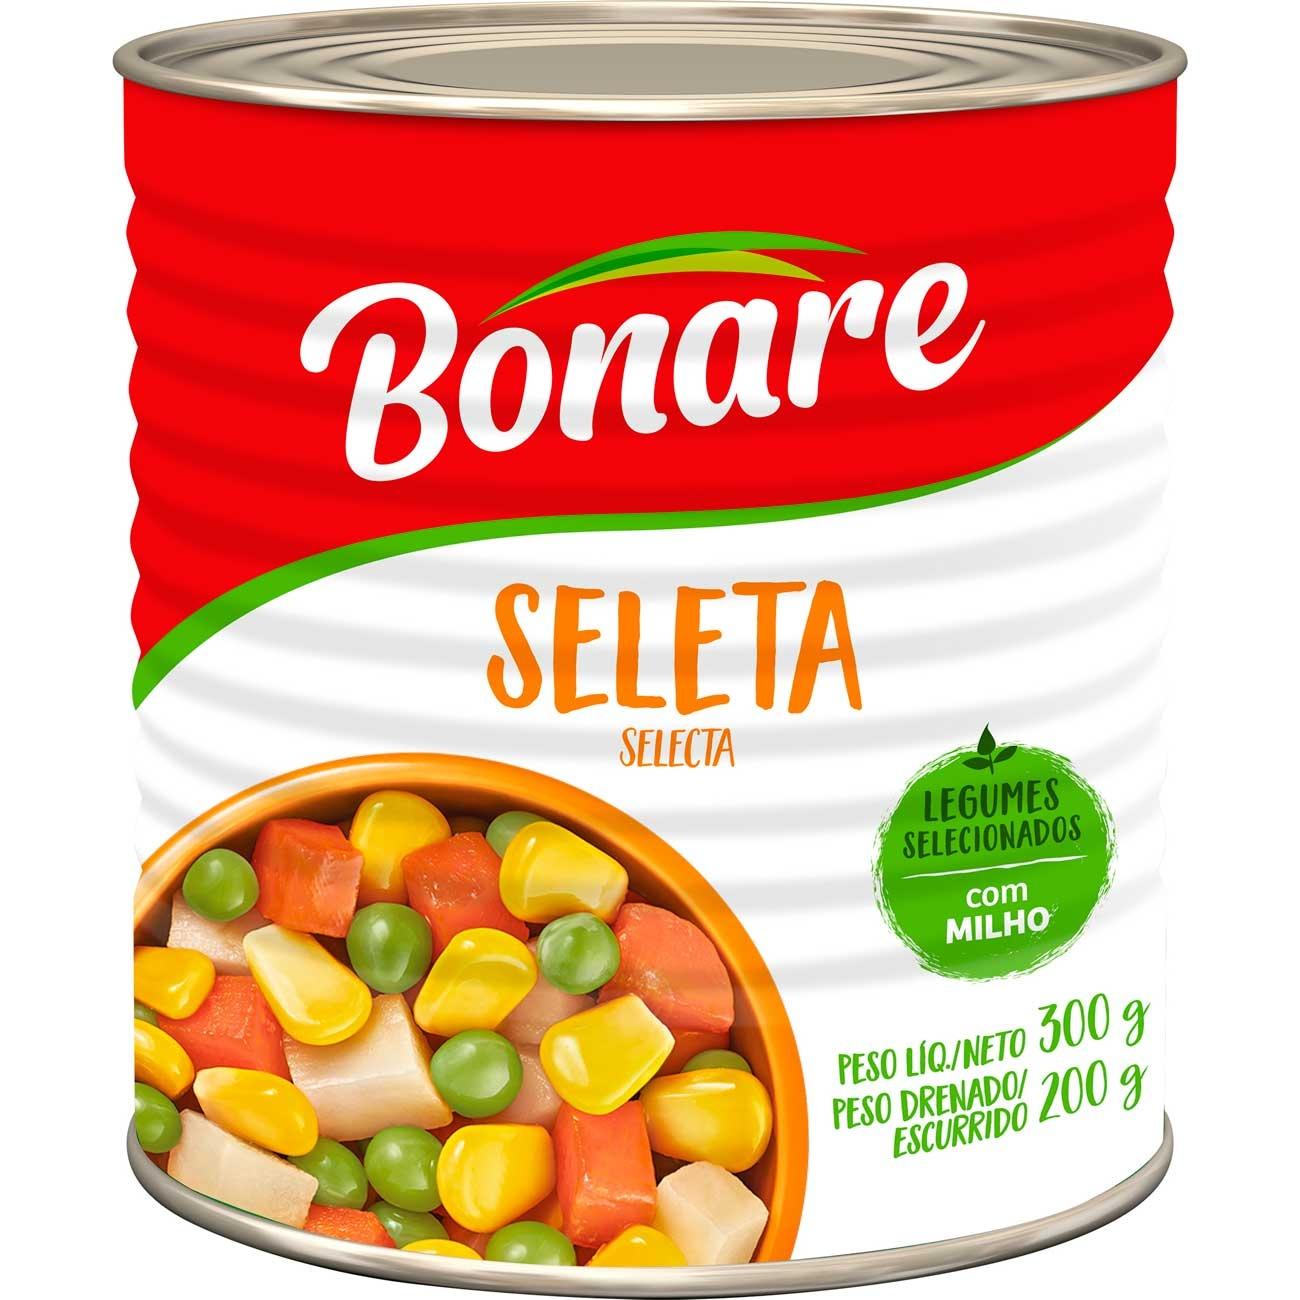 Seleta Legumes Bonare Lata 200g| Caixa com 24 unidades